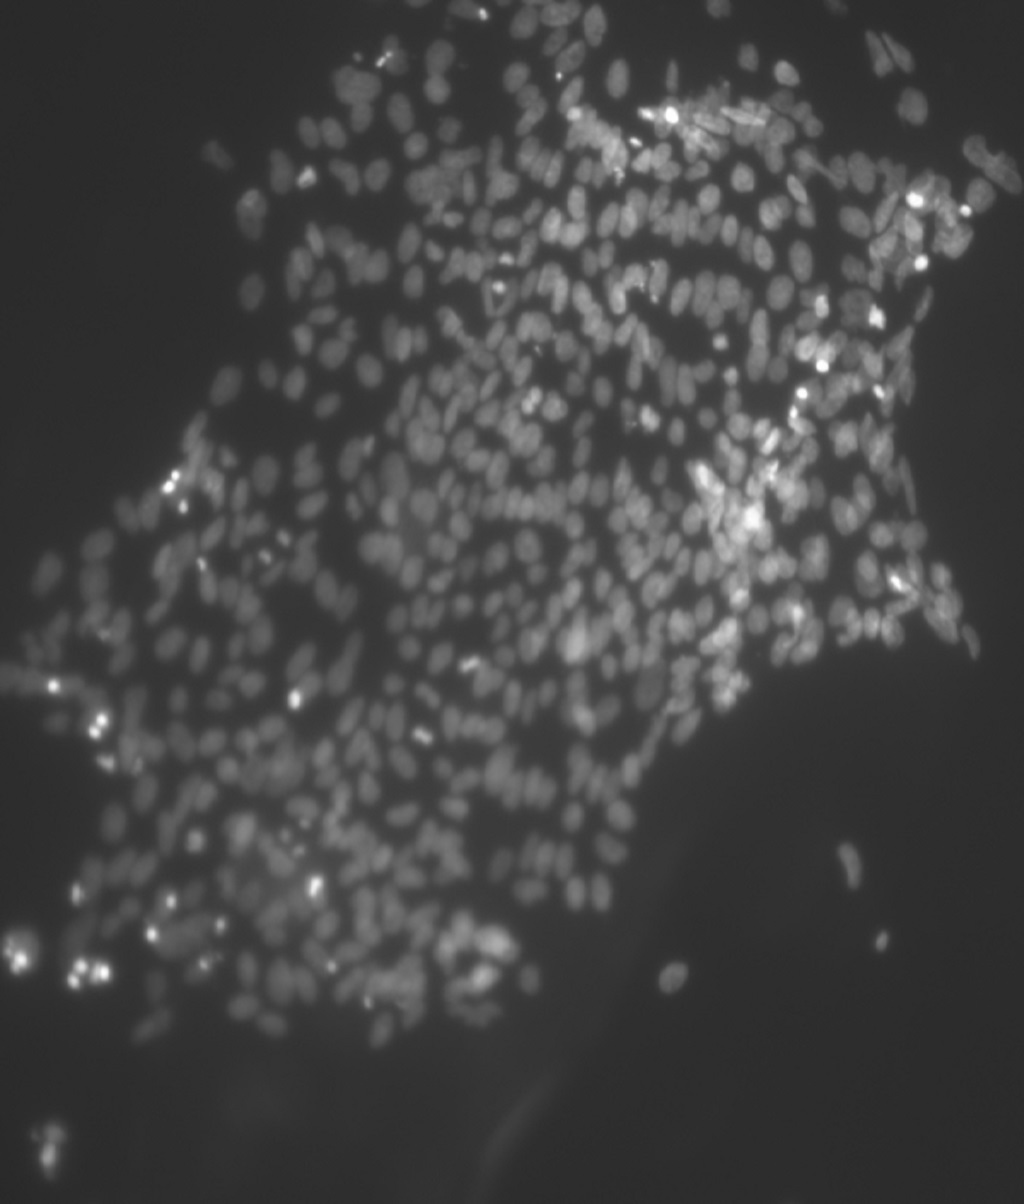 Cellule staminali una frontiera scientifica foto